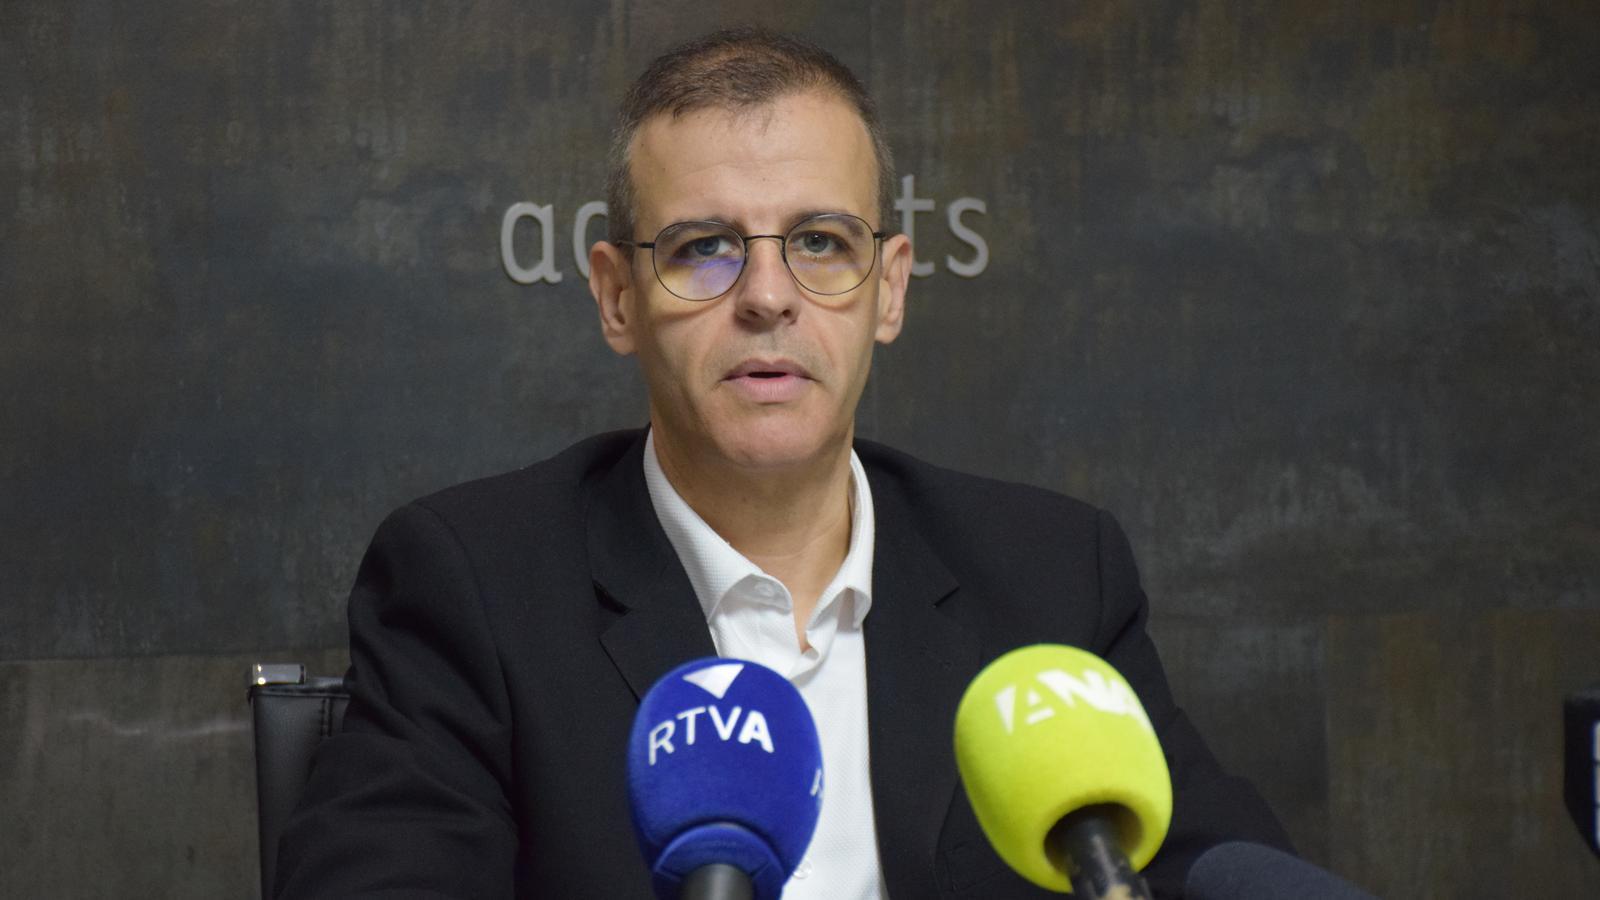 Josep Antoni Silvestre torna a carregar contra el sistema judicial andorrà. / C. A. (ANA)